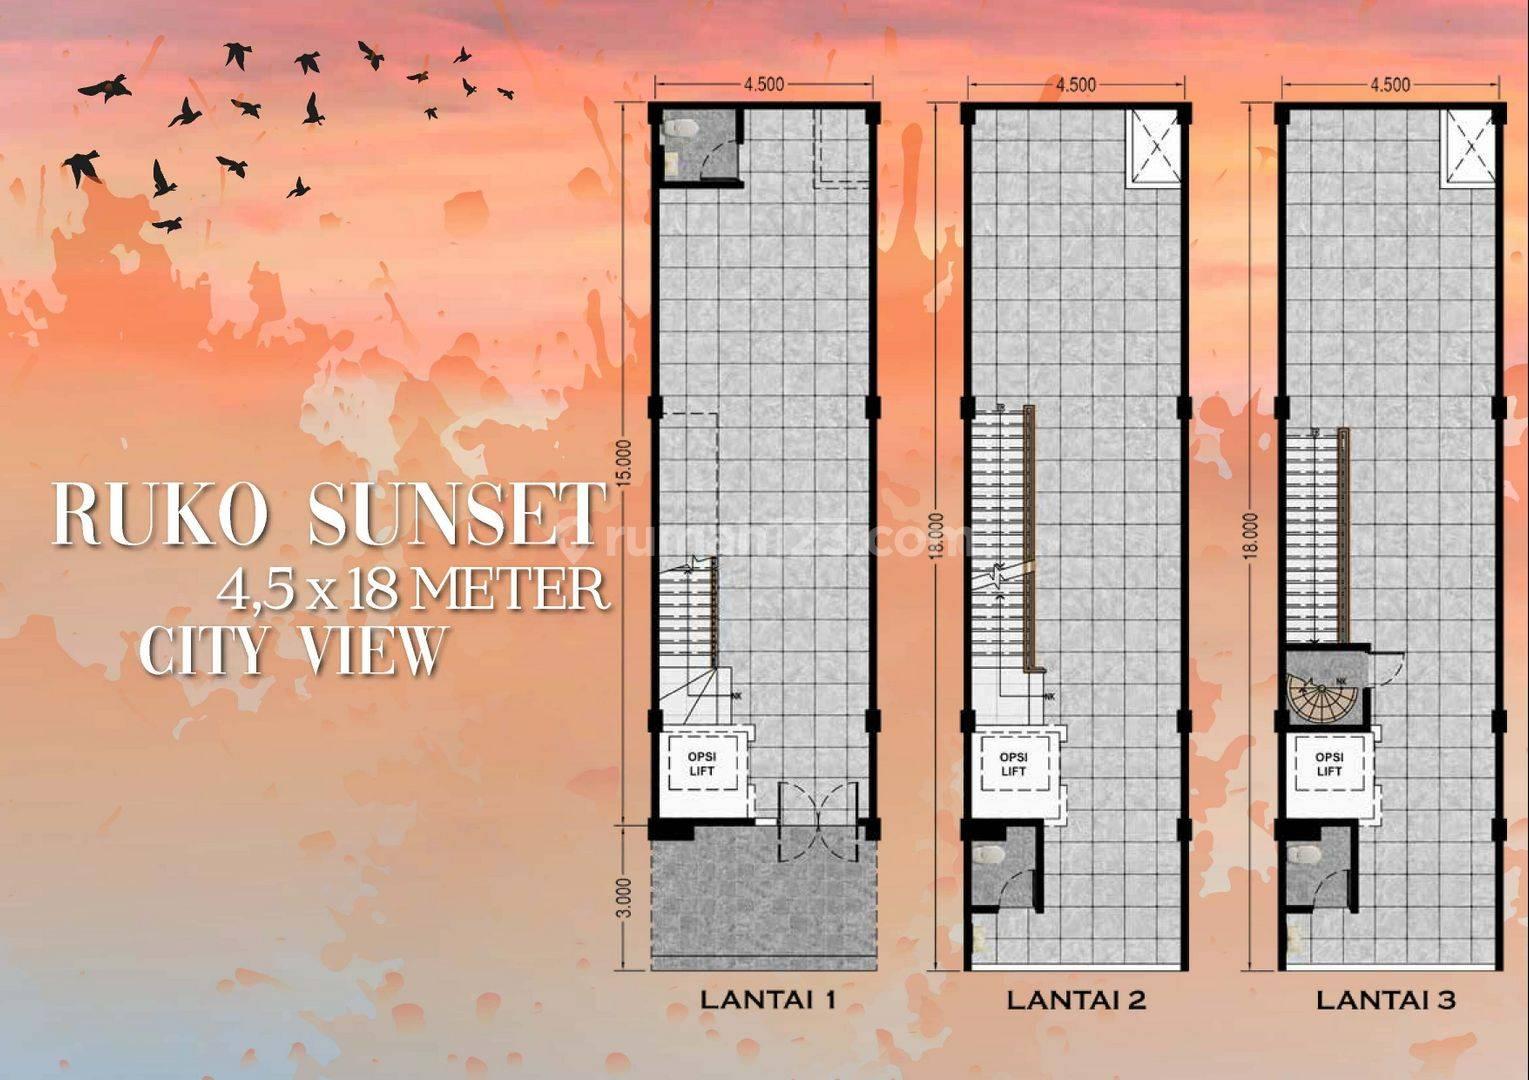 Ruko Sunset Ebony 2 PIK, Ukuran 4.5x18 , City View